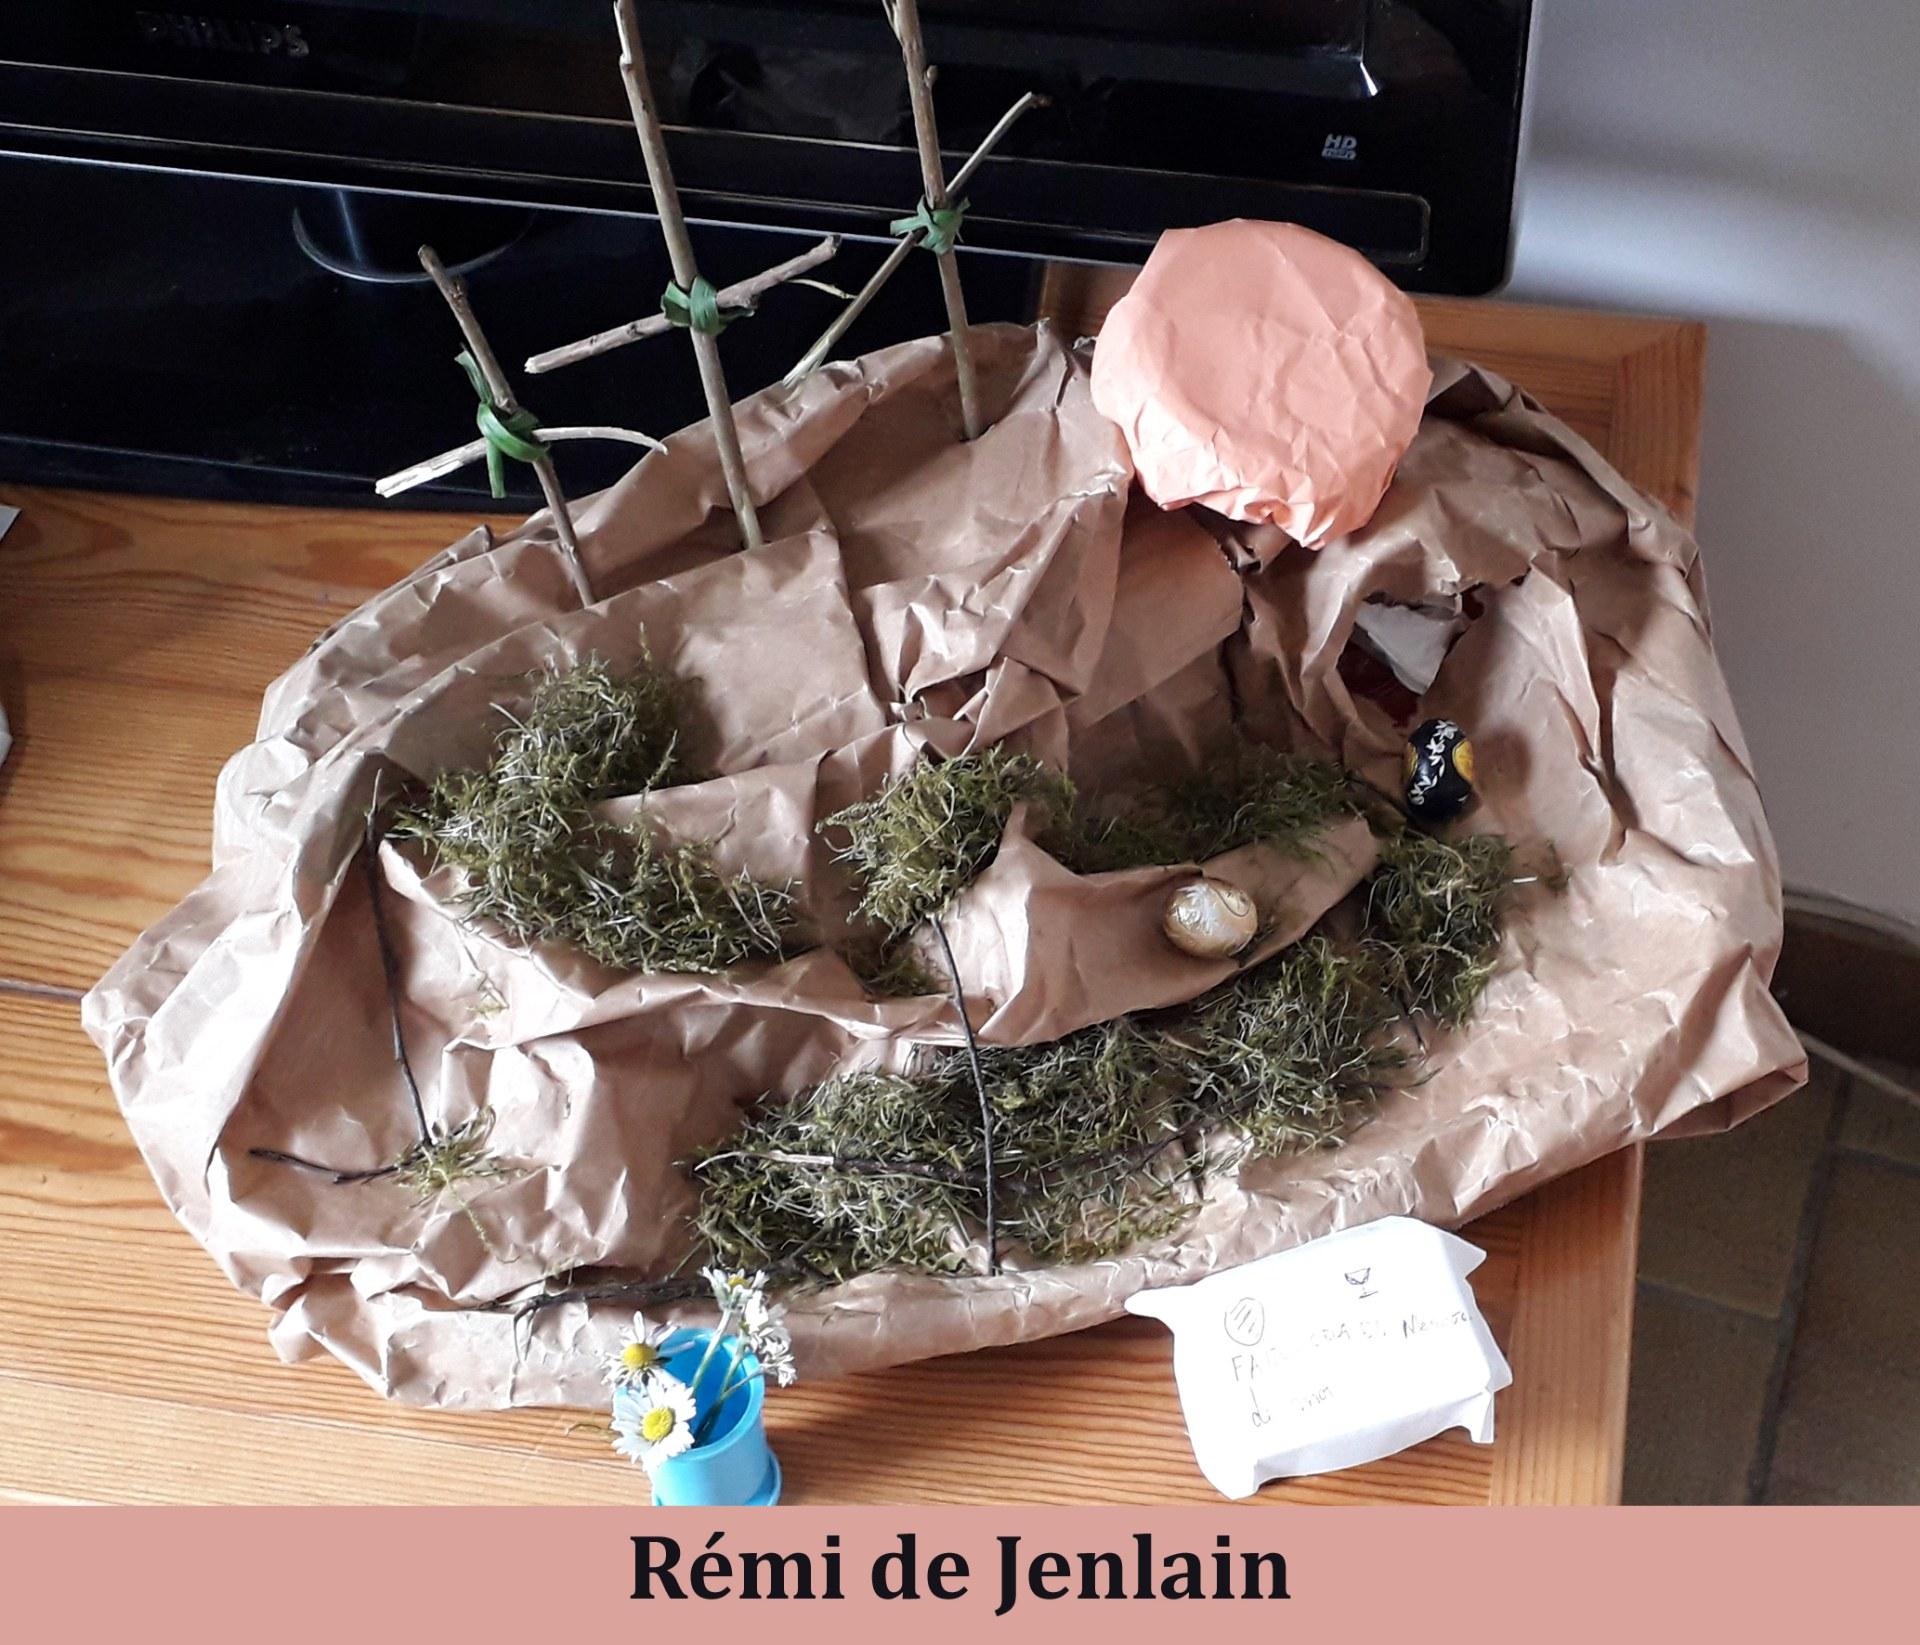 Jardin_Paques_2021 Remi